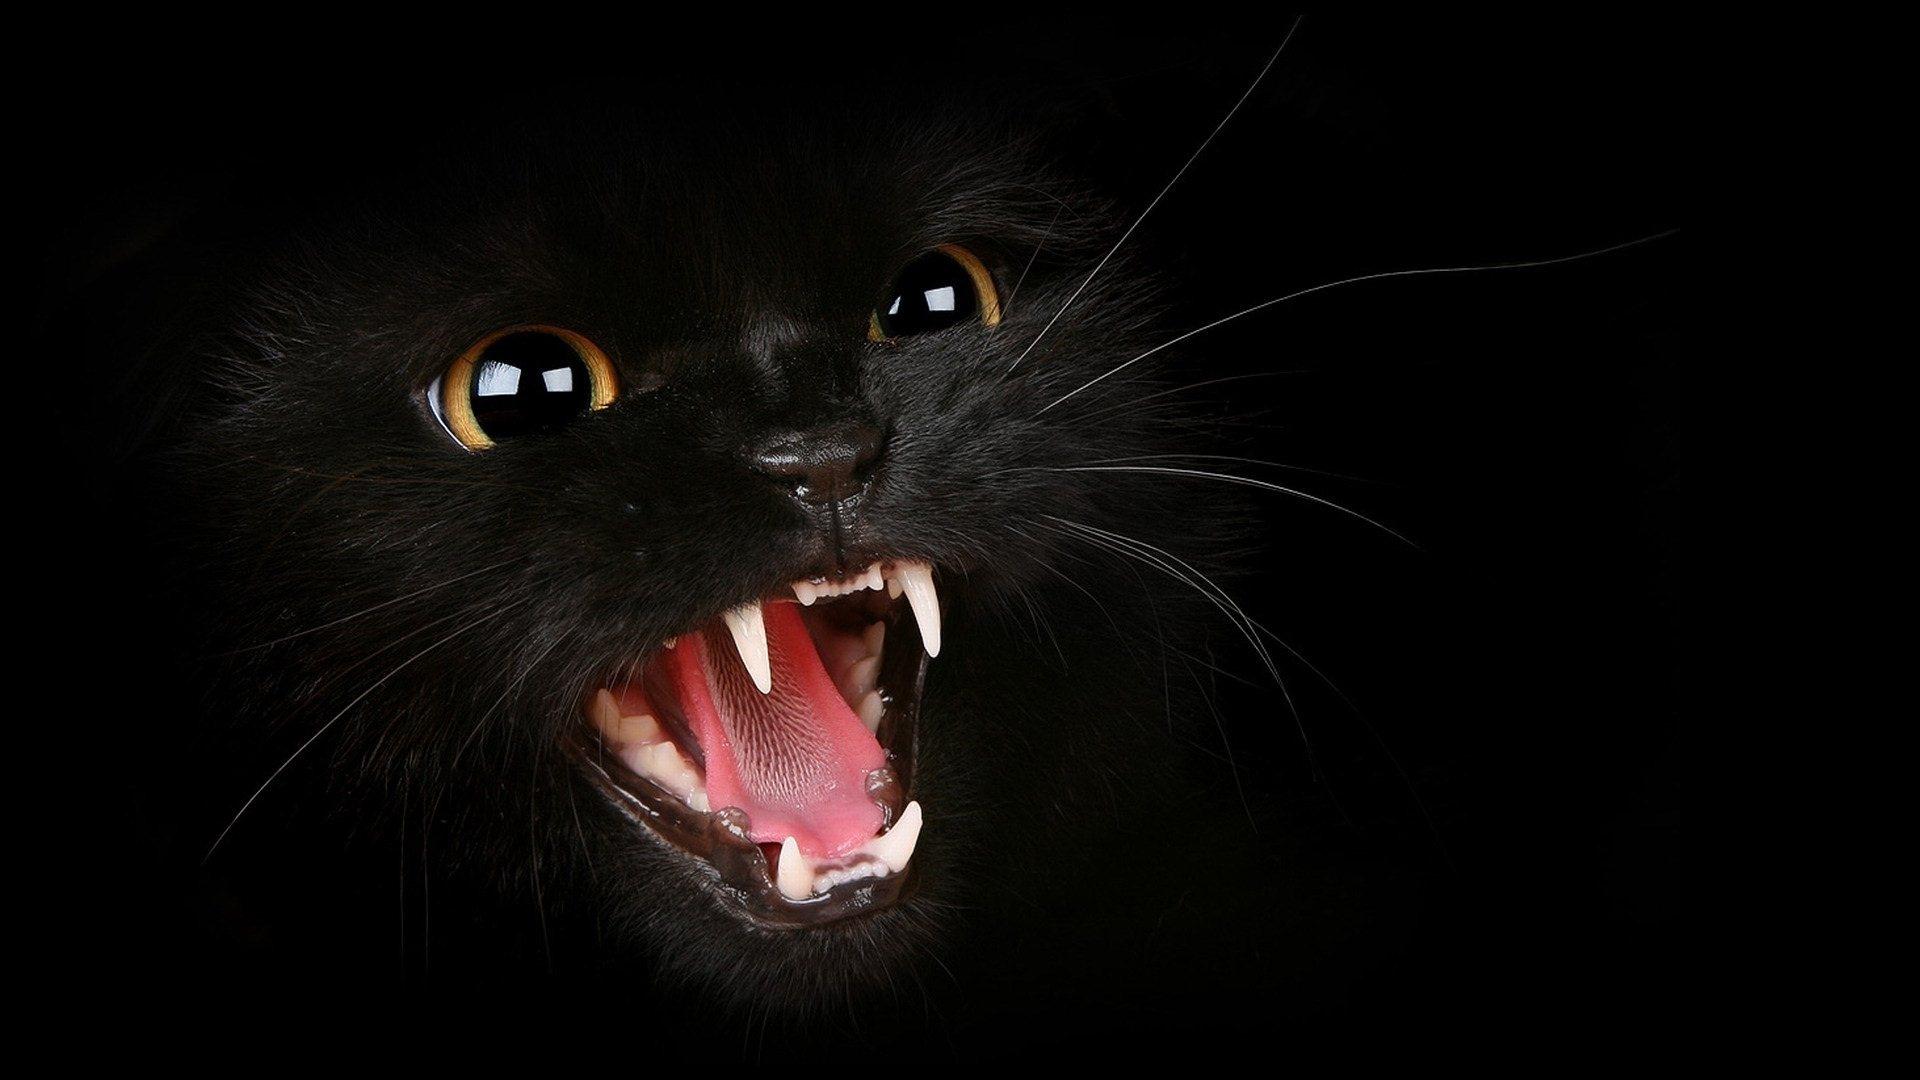 48 black cat screensavers and wallpaper on wallpapersafari - Black screensaver ...